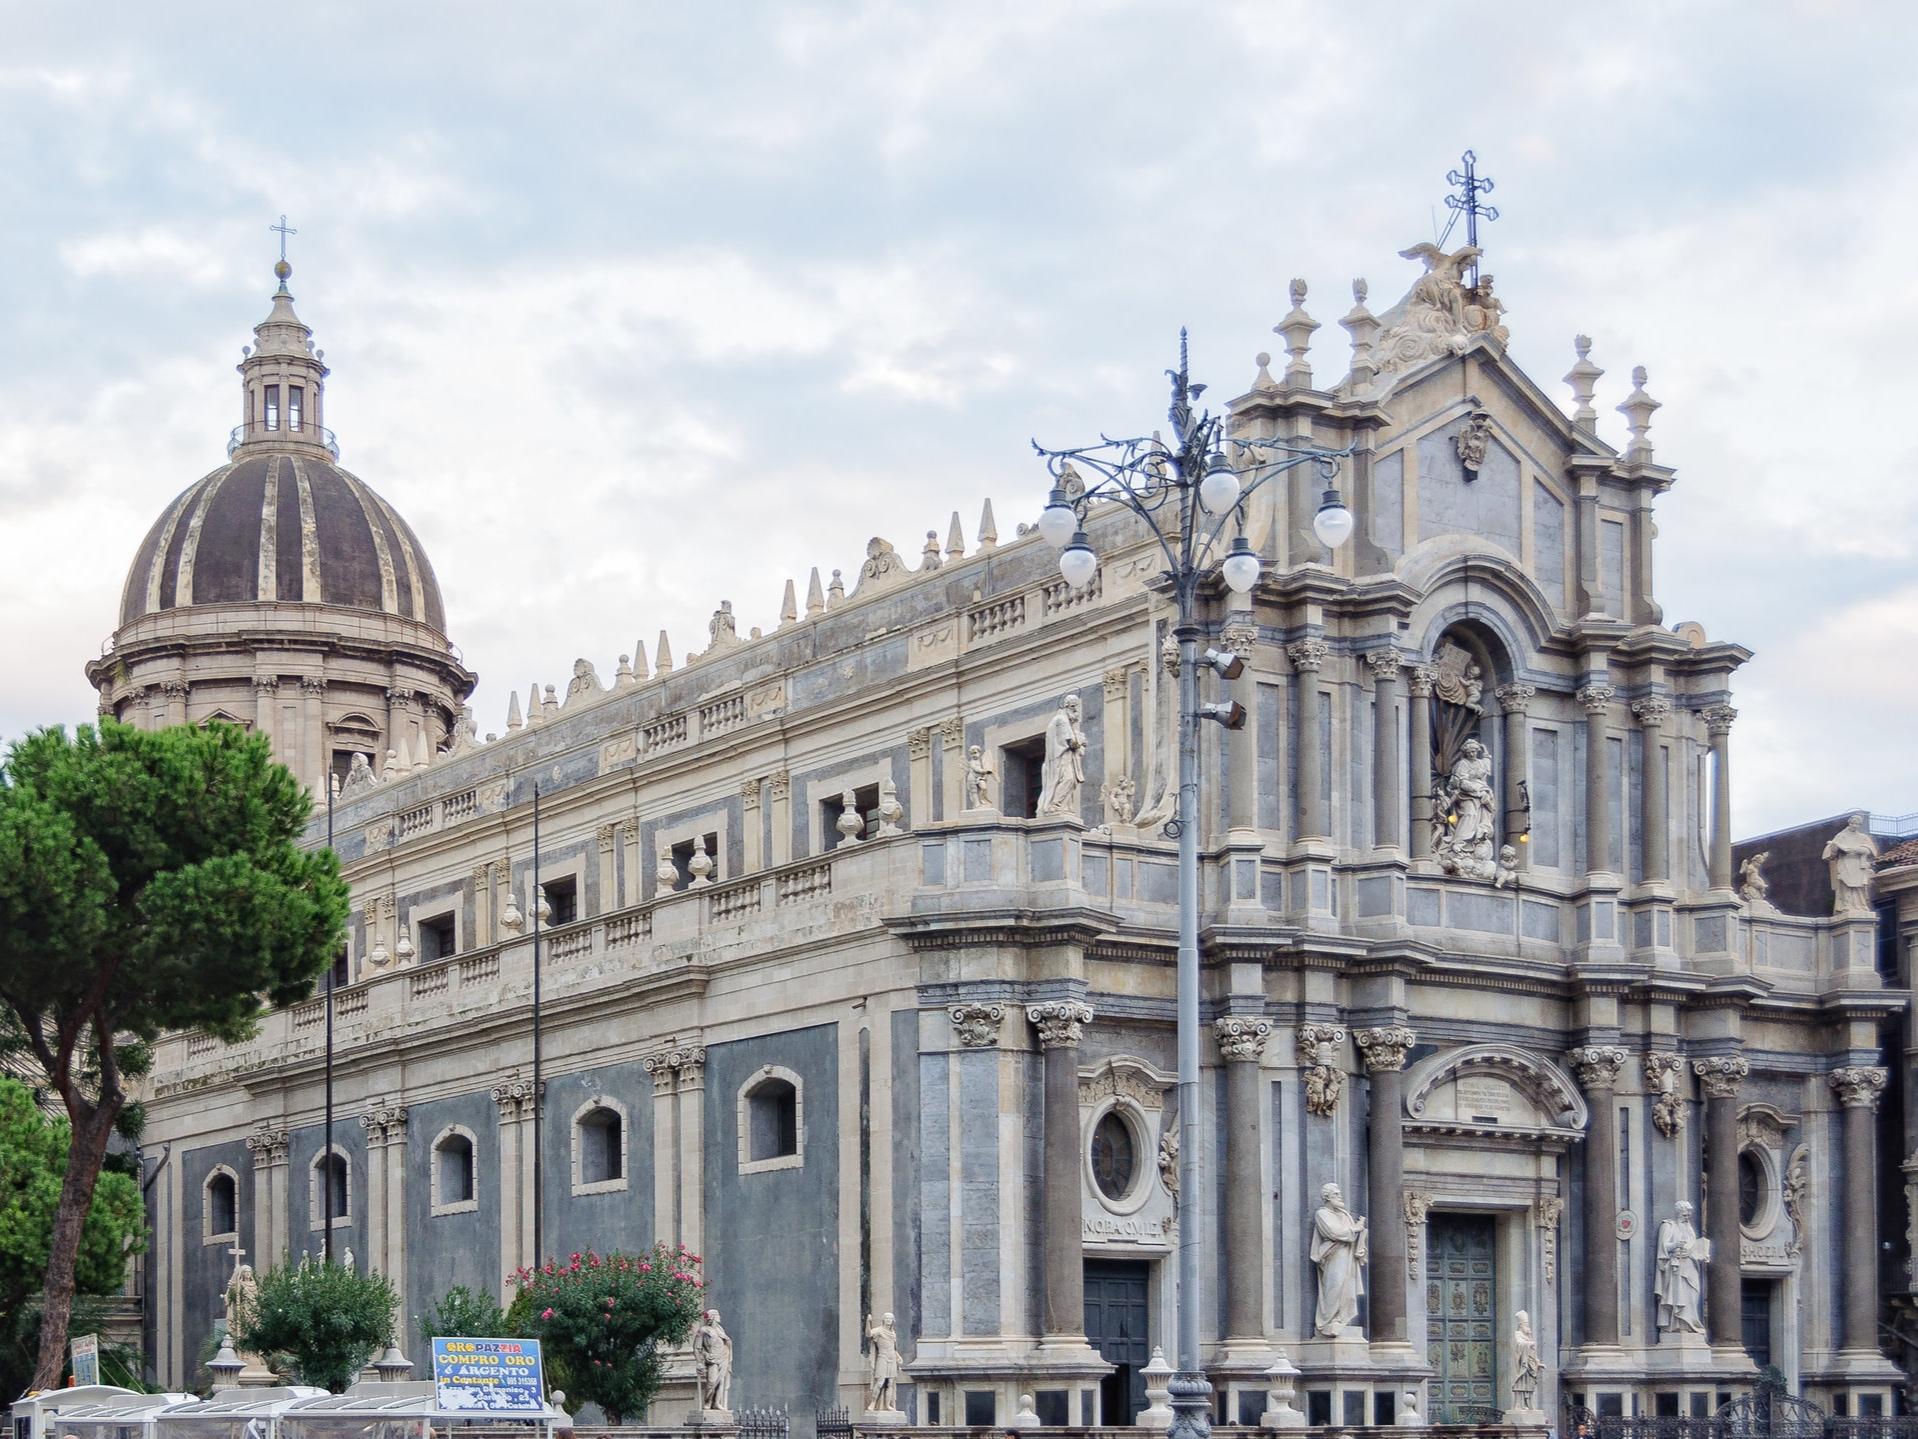 AutoElite_Sicily_Catania2.jpg